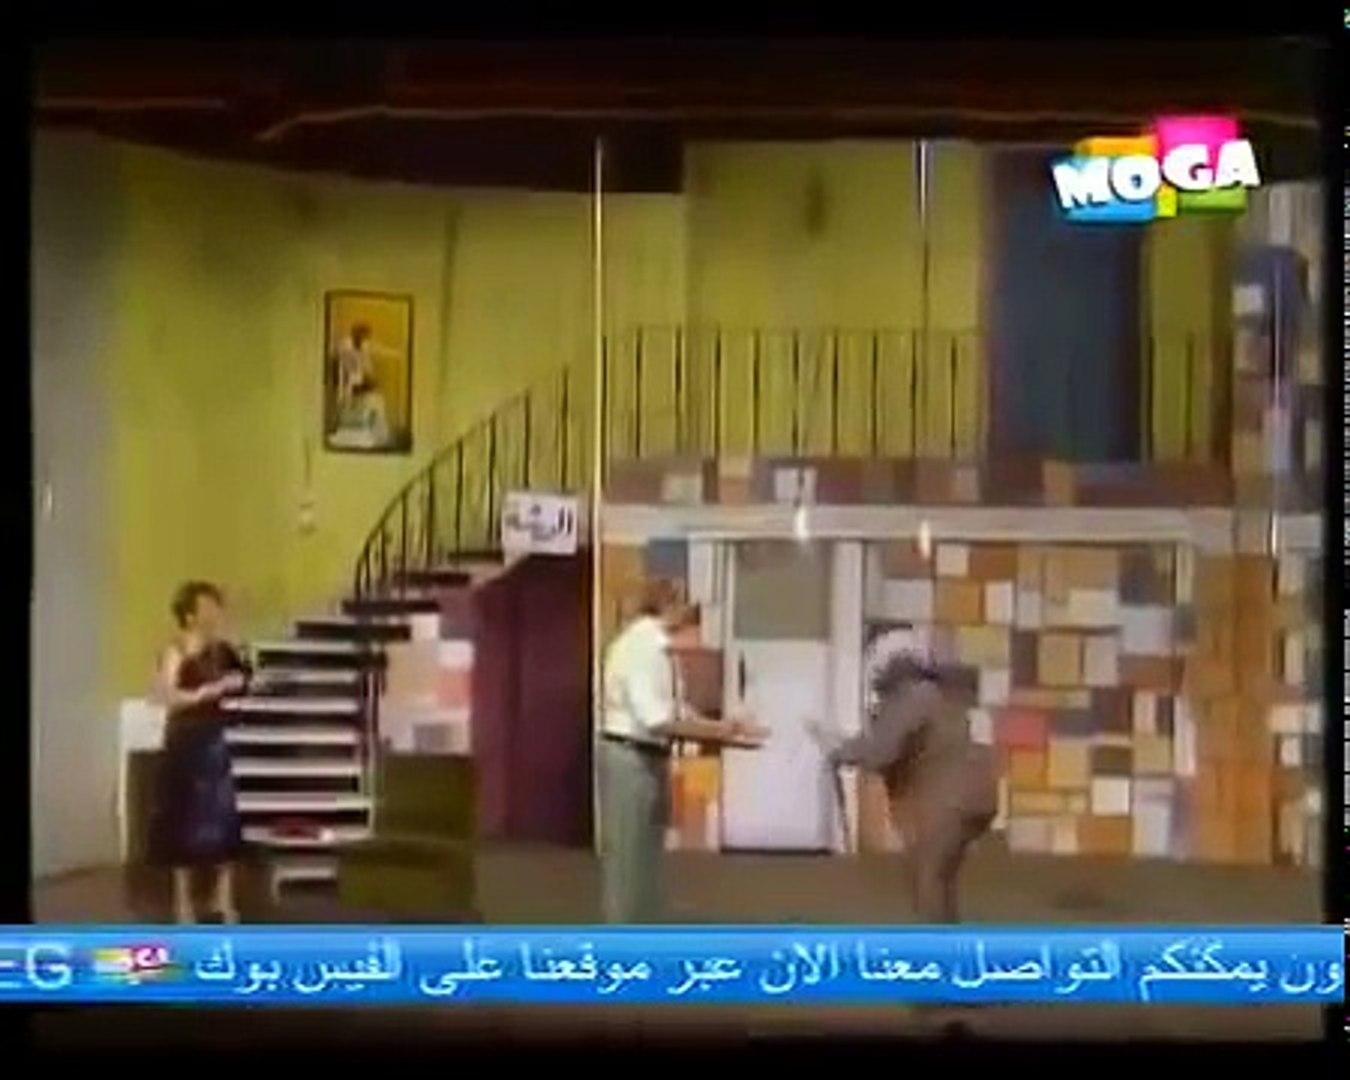 مشهد عم أيوب كامل مسرحية الجوكر